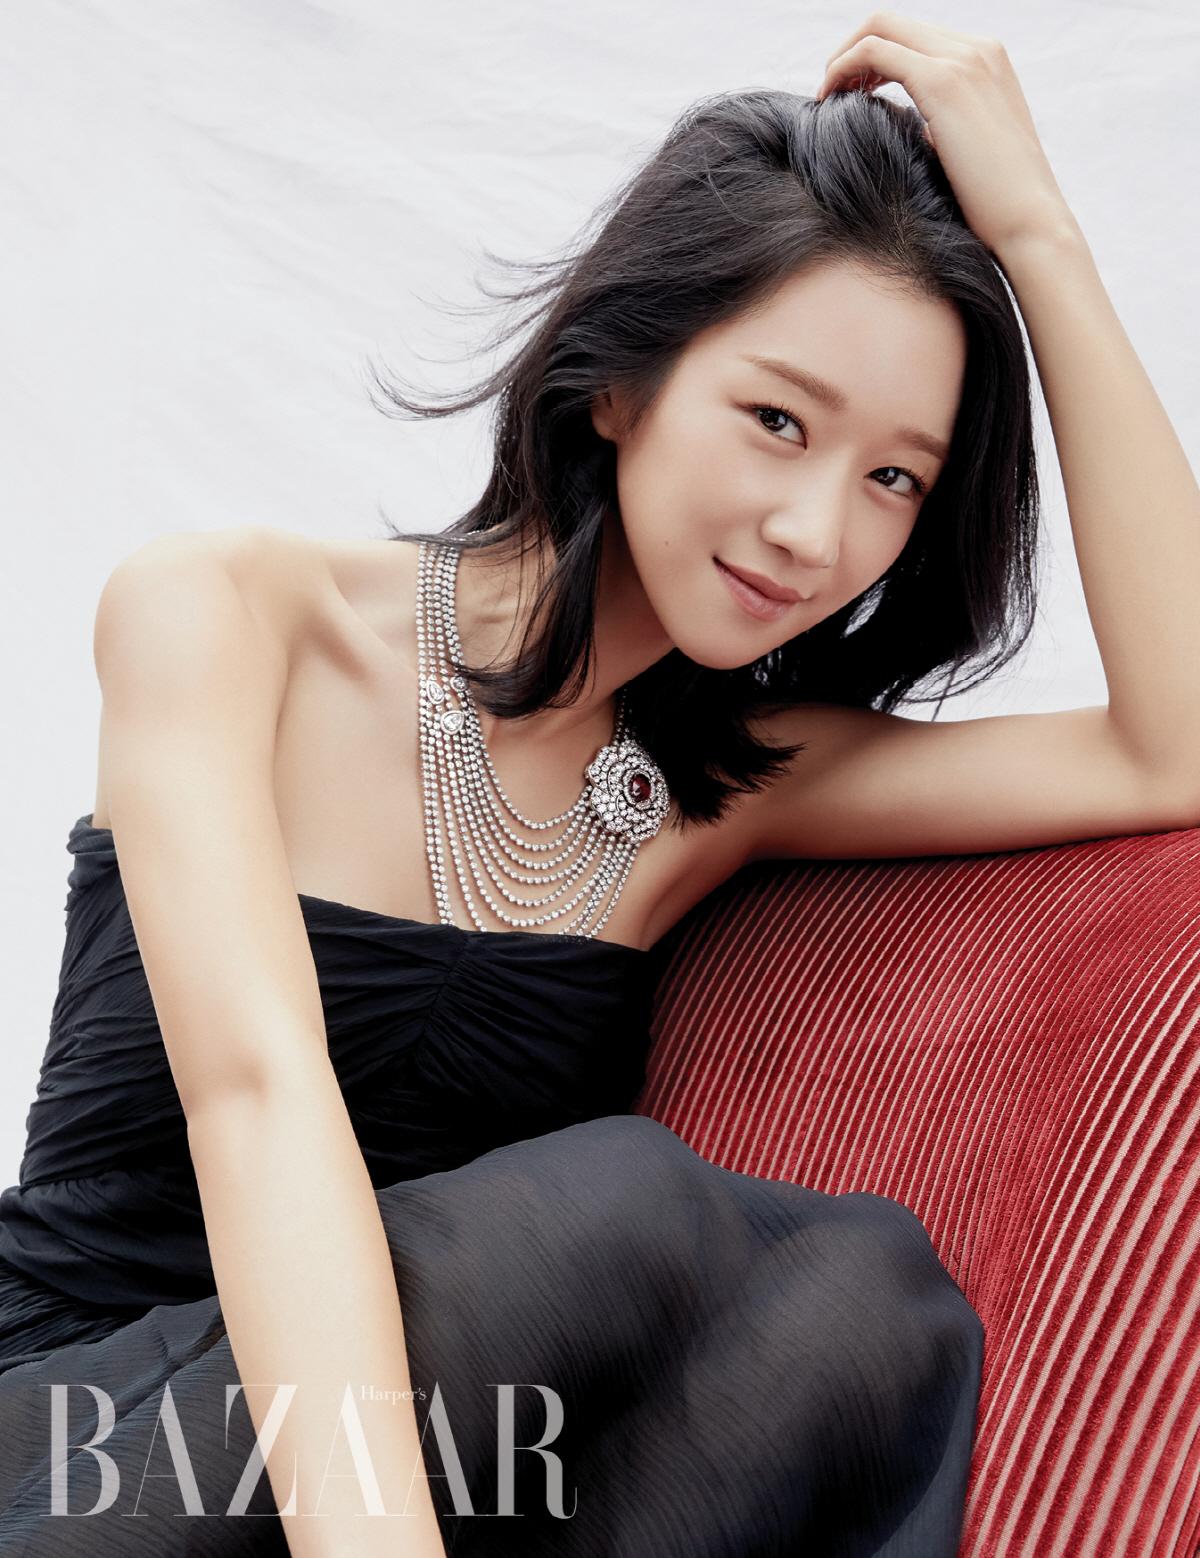 Đại học ở Tây Ban Nha trả lời về việc Seo Ye Ji có trúng tuyển hay không khiến netizen hoang mang - Ảnh 2.